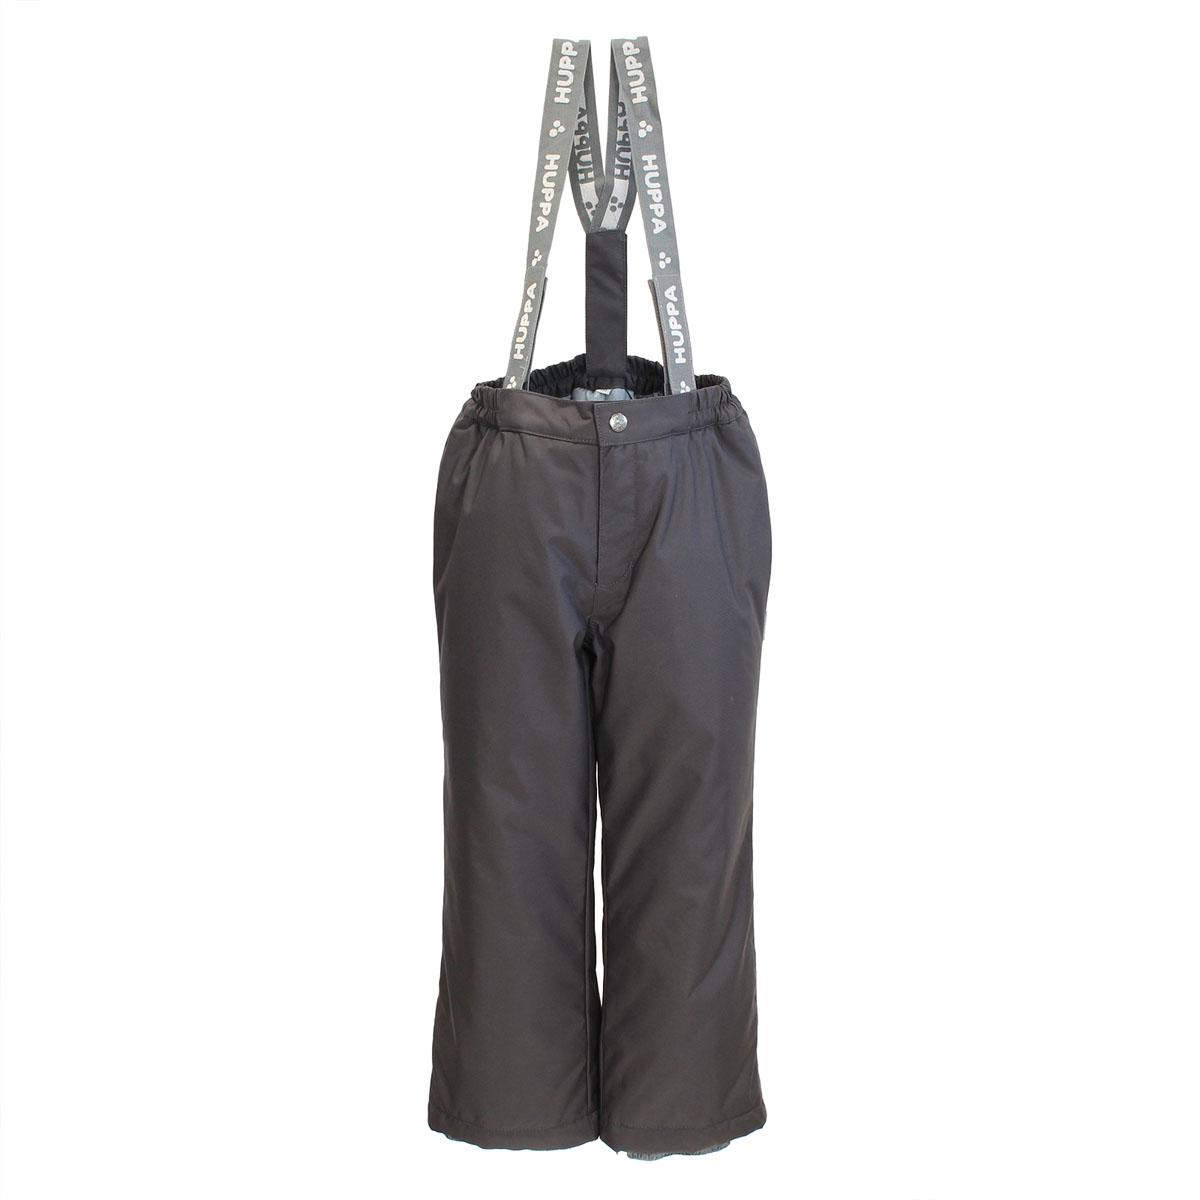 Брюки детские Huppa Freja, цвет: темно-серый. 2170AW01_018. Размер 1042170AW01_018Теплые детские брюки Huppa Freja идеально подойдут для ребенка в холодное время года. Брюки изготовлены из водоотталкивающей и ветрозащитной ткани с утеплителем из HuppaTherm - 100% полиэстера. HuppaTherm - высокотехнологичный легкий синтетический утеплитель нового поколения. Уникальная структура микроволокон не позволяет проникнуть холодному воздуху, в то же время, удерживая теплый между волокнами, обеспечивая высокую теплоизоляцию изделия. Полиуретан с микропорами препятствует прохождению воды и ветра сквозь ткань внутрь изделия, в то же время, позволяя испаряться выделяемой телом влаге. Для максимальной влагонепроницаемости изделия, основные швы проклеены водостойкой лентой. Сплетения волокон в тканях выполнены по специальной технологии, которая придает ткани прочность и предохраняет от истирания. Брюки на талии застегиваются на кнопку и ширинку на застежке-молнии, и имеют съемные эластичные наплечные лямки, регулируемые по длине. На талии предусмотрена широкая эластичная резинка, которая позволяет надежно заправить в брюки водолазку или свитер. Имеются шлевки для ремня. Снизу брючин предусмотрены внутренние манжеты с прорезиненными полосками, препятствующие попаданию снега в обувь и не дающие брюкам ползти вверх. Ширину брючин понизу можно регулировать при помощи скрытых кулисок со стопперами. Изделие оформлено светоотражающими элементами для безопасности в темное время суток. Идеально при температурах от -5°С до -15°С.Комфортные, удобные и практичные брюки идеально подойдут для прогулок и игр на свежем воздухе!